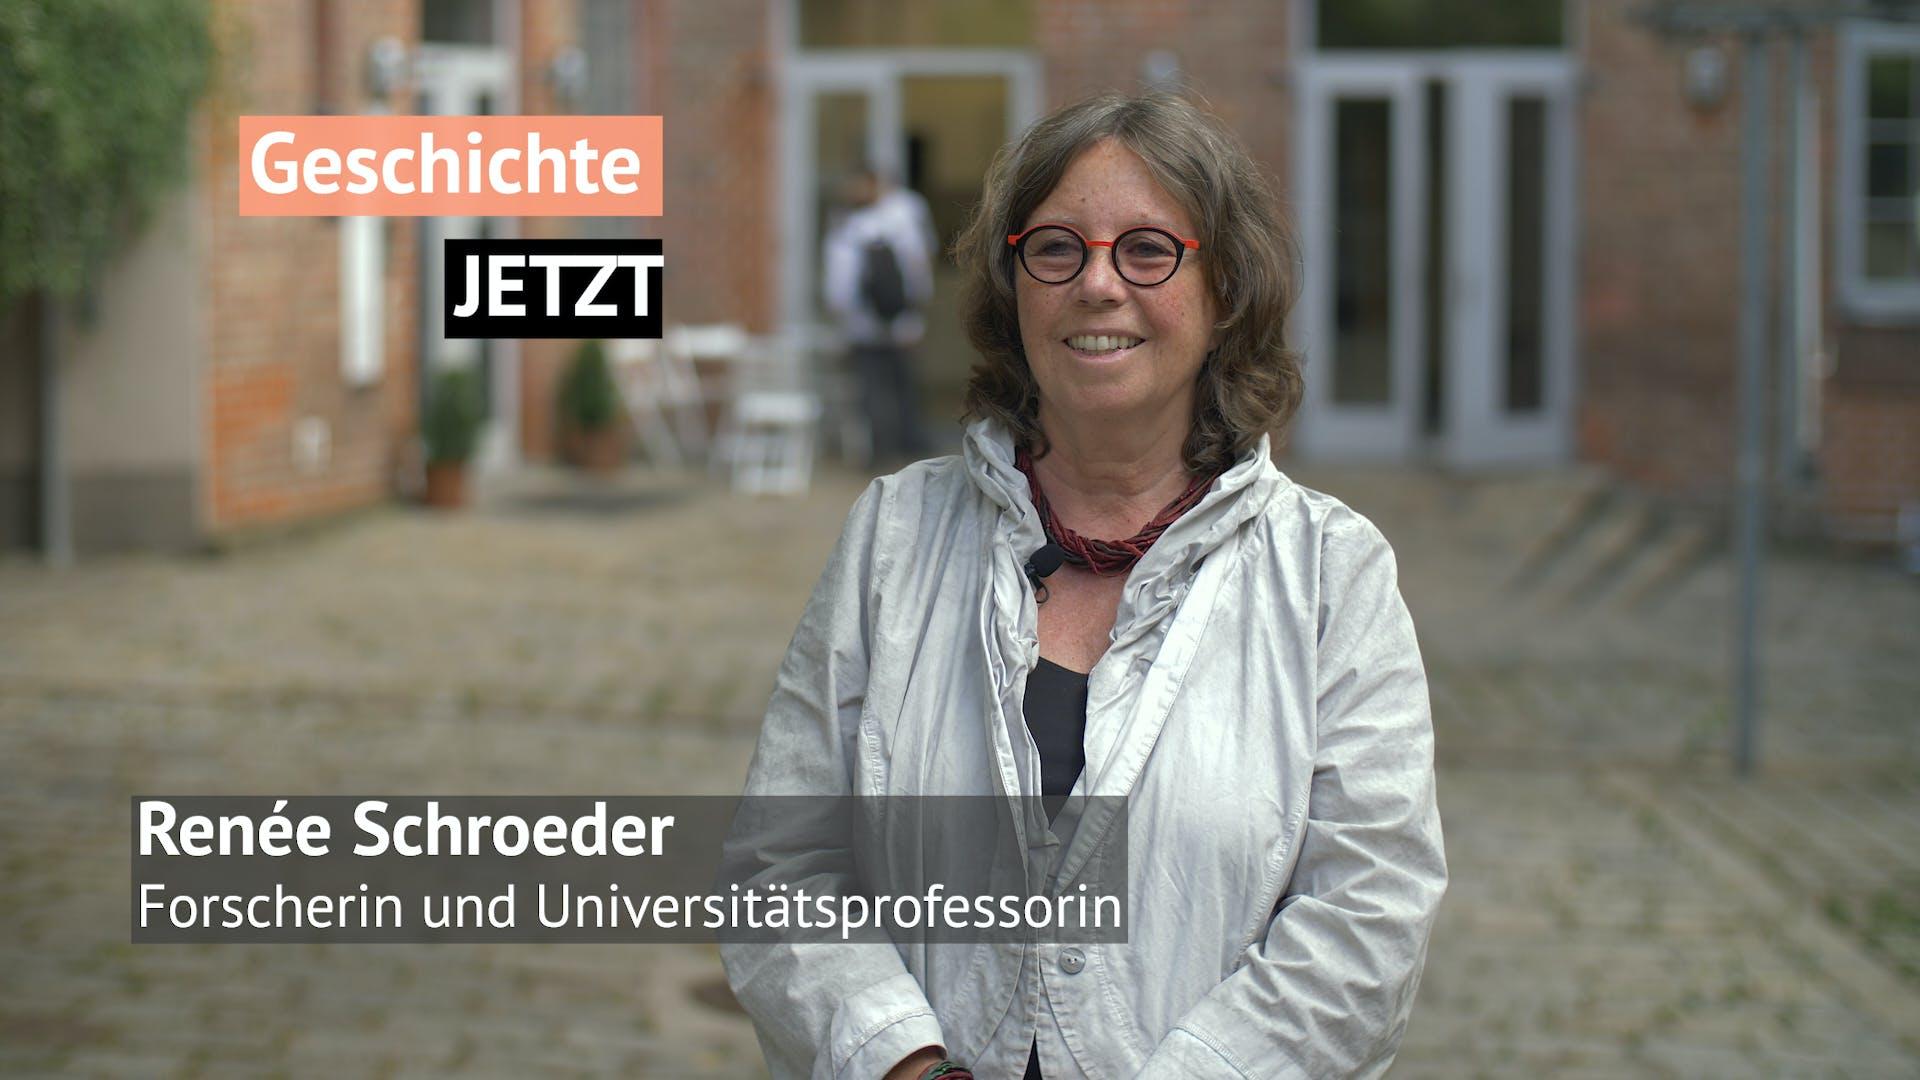 Geschichte JETZT - Renée Schroeder